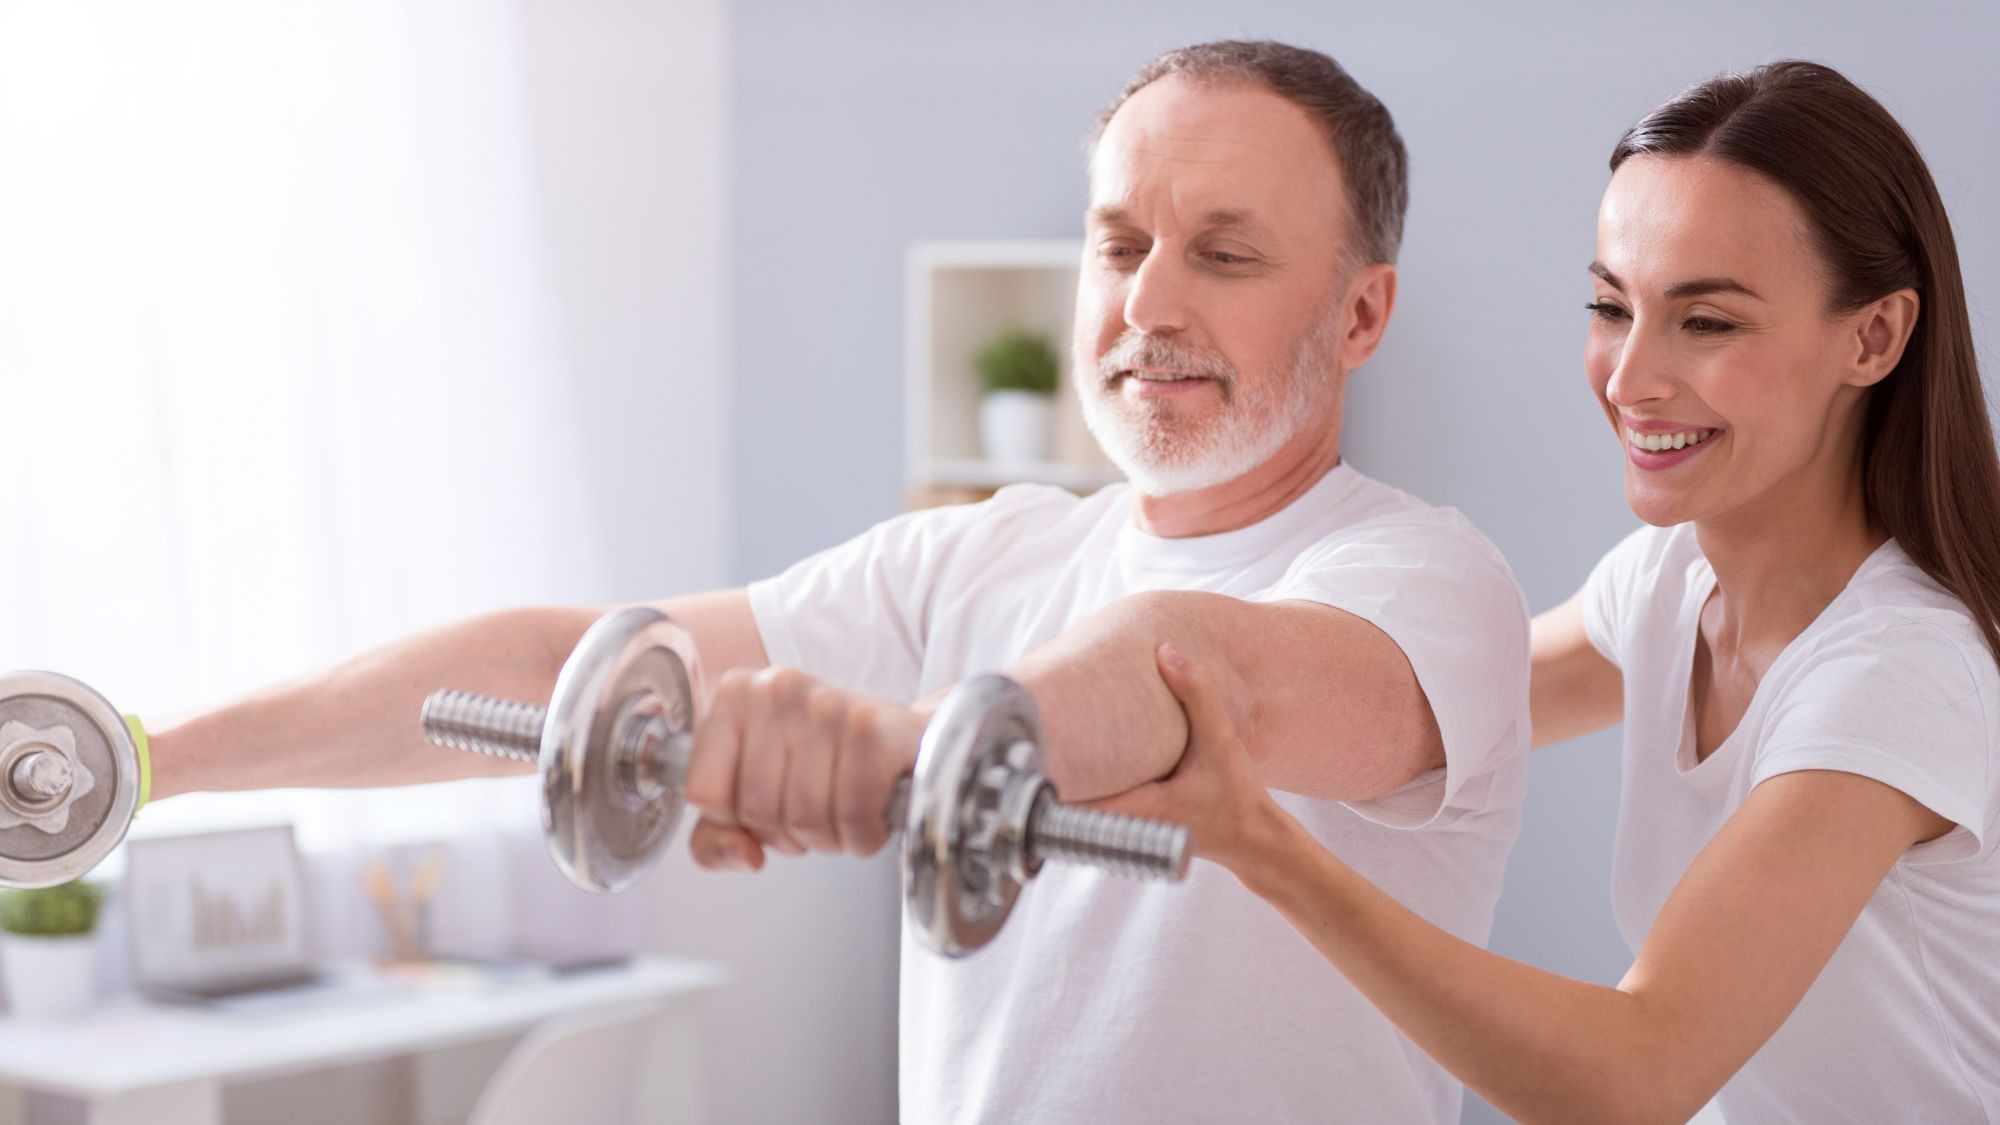 Représentation de la formation : NCL14 - Intégrer l'activité physique dans la prise en charge des maladies chroniques